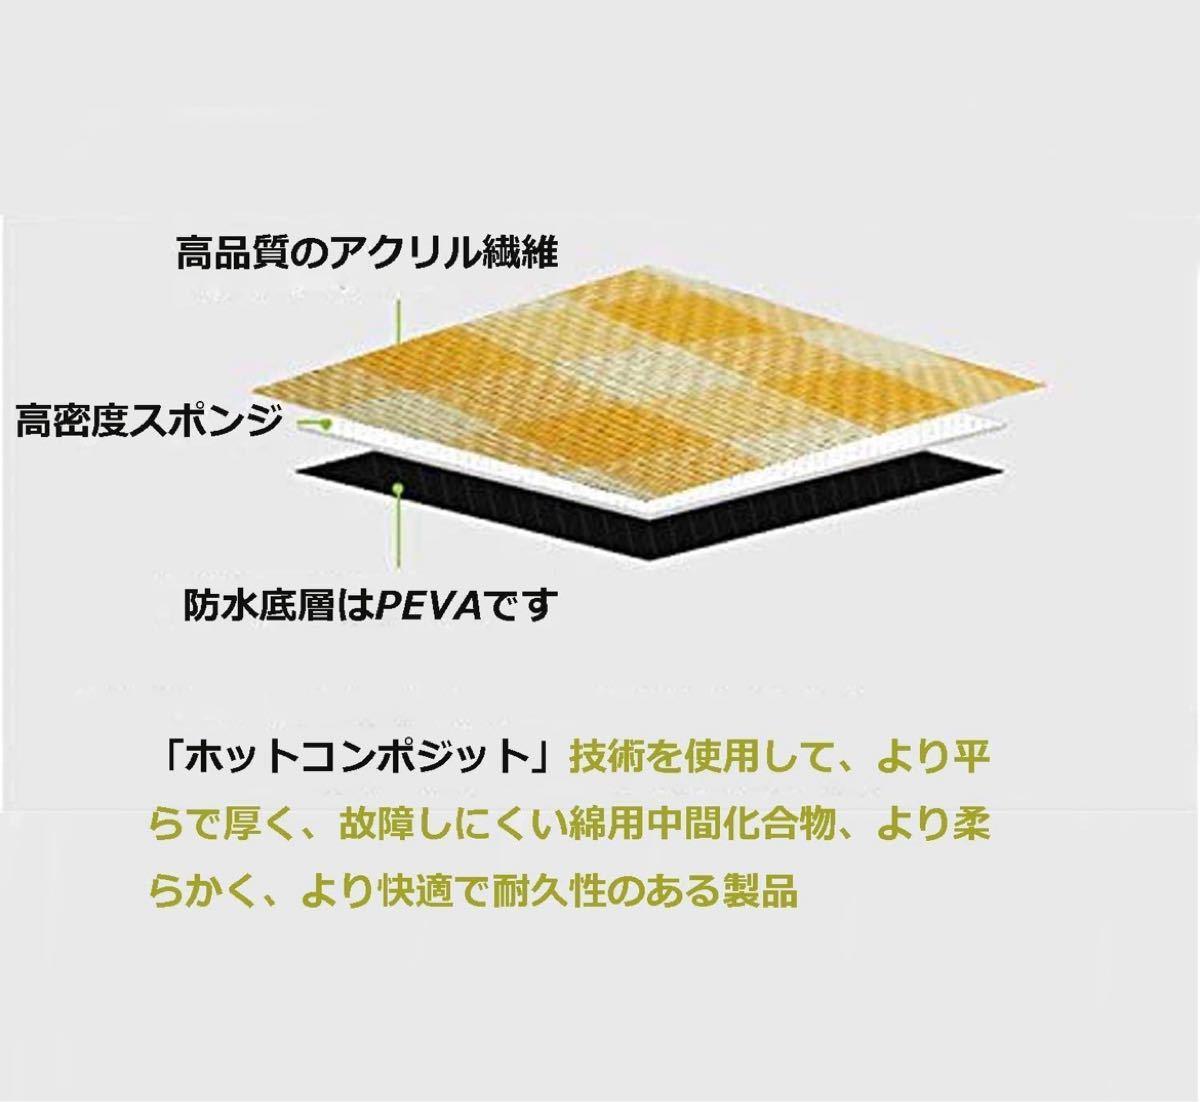 新品★レジャーシート 厚手 2×2m 大判 コンパクト 断熱 防水 洗える 厚手